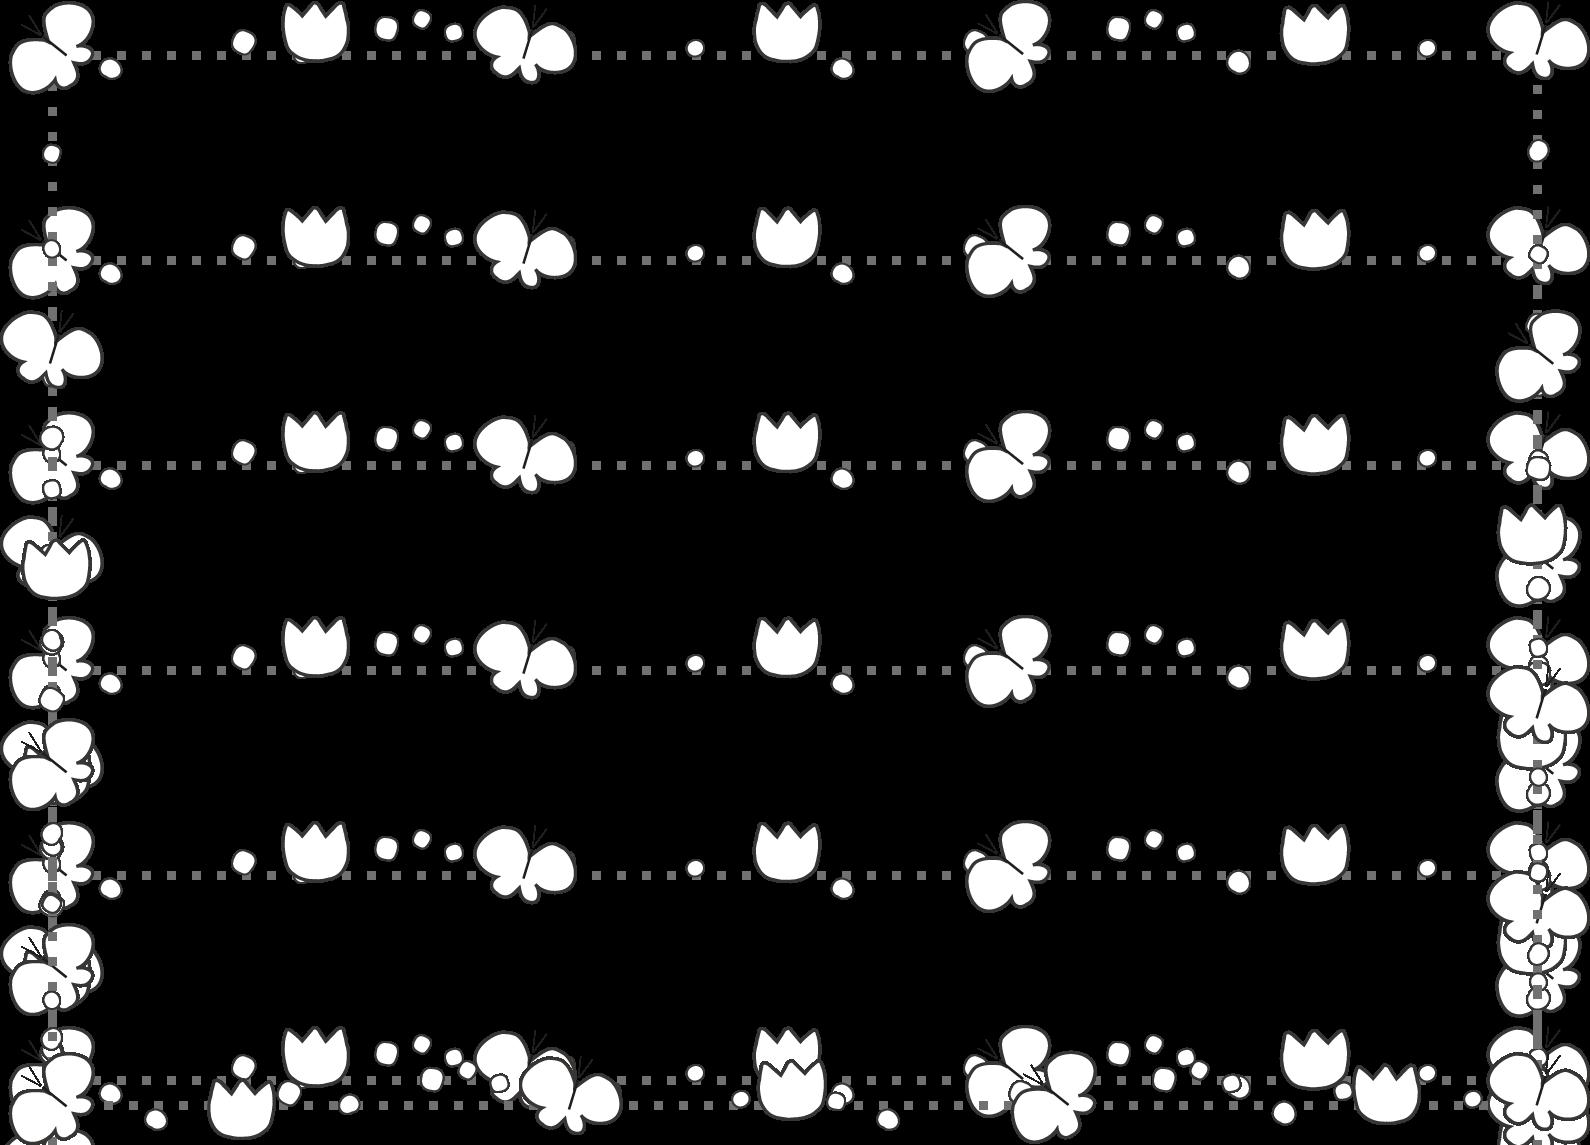 春のイラスト飾り枠・ライン無料イラスト素材